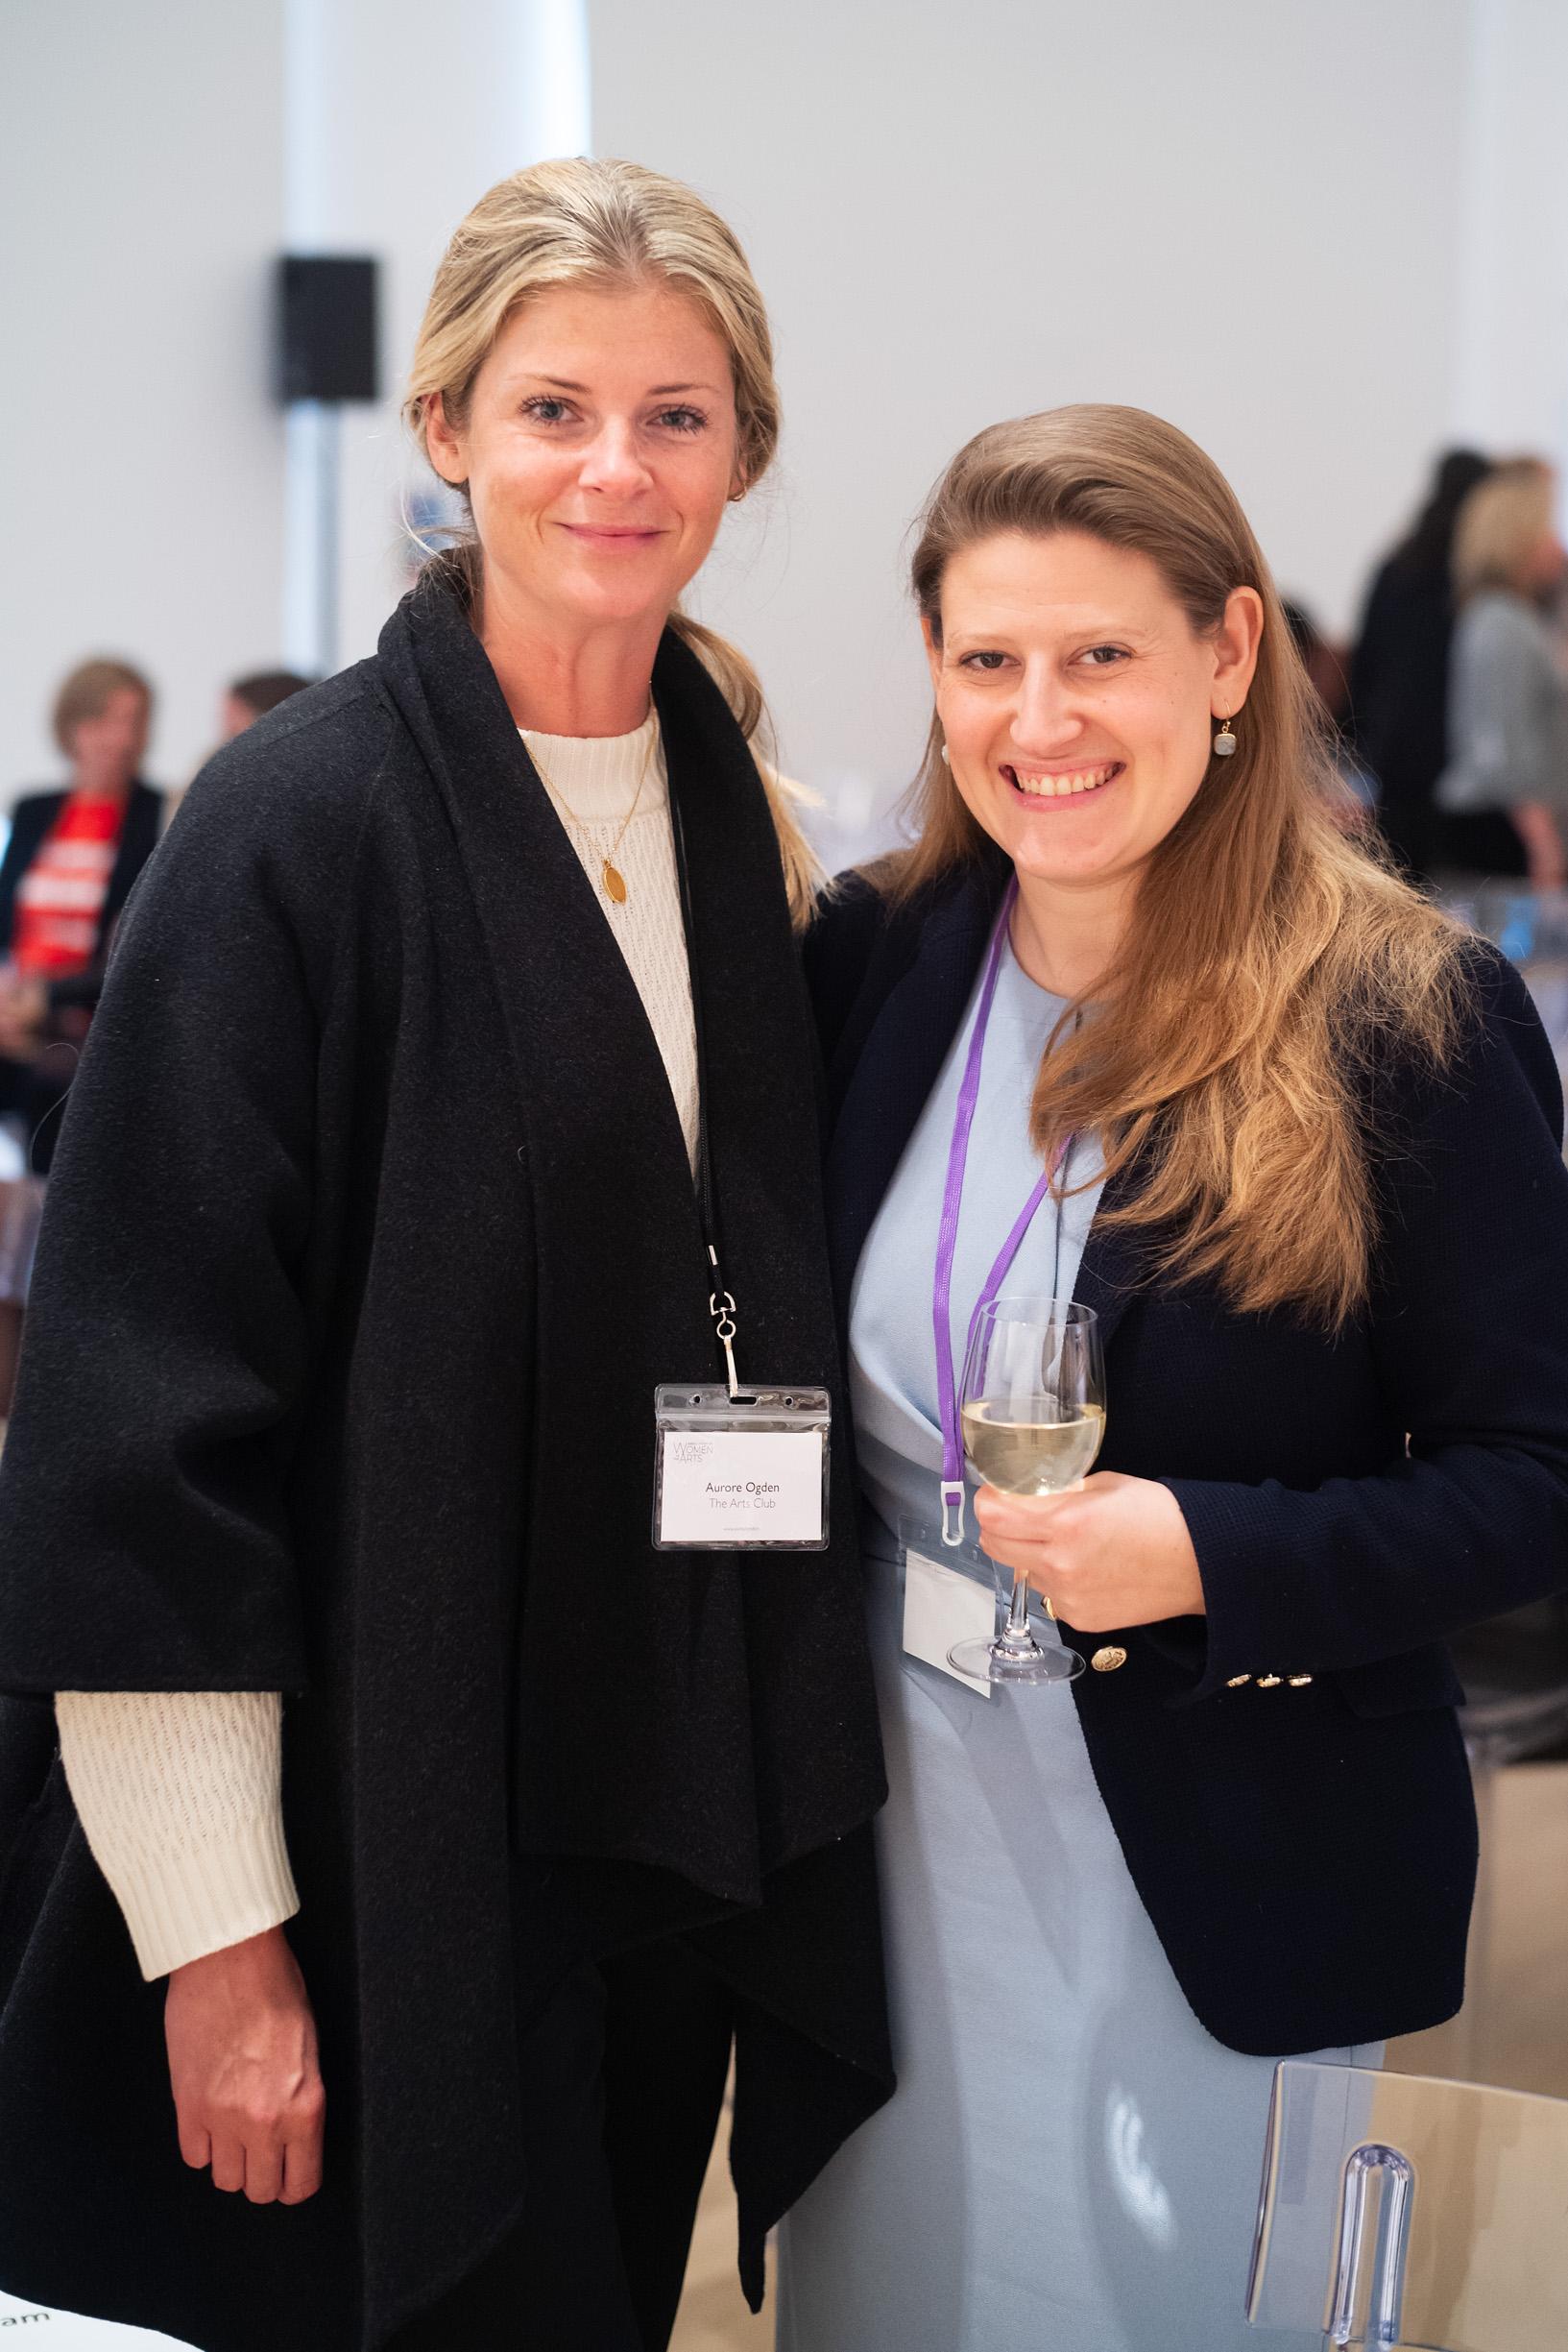 Aurore Ogden and Theodora Clarke